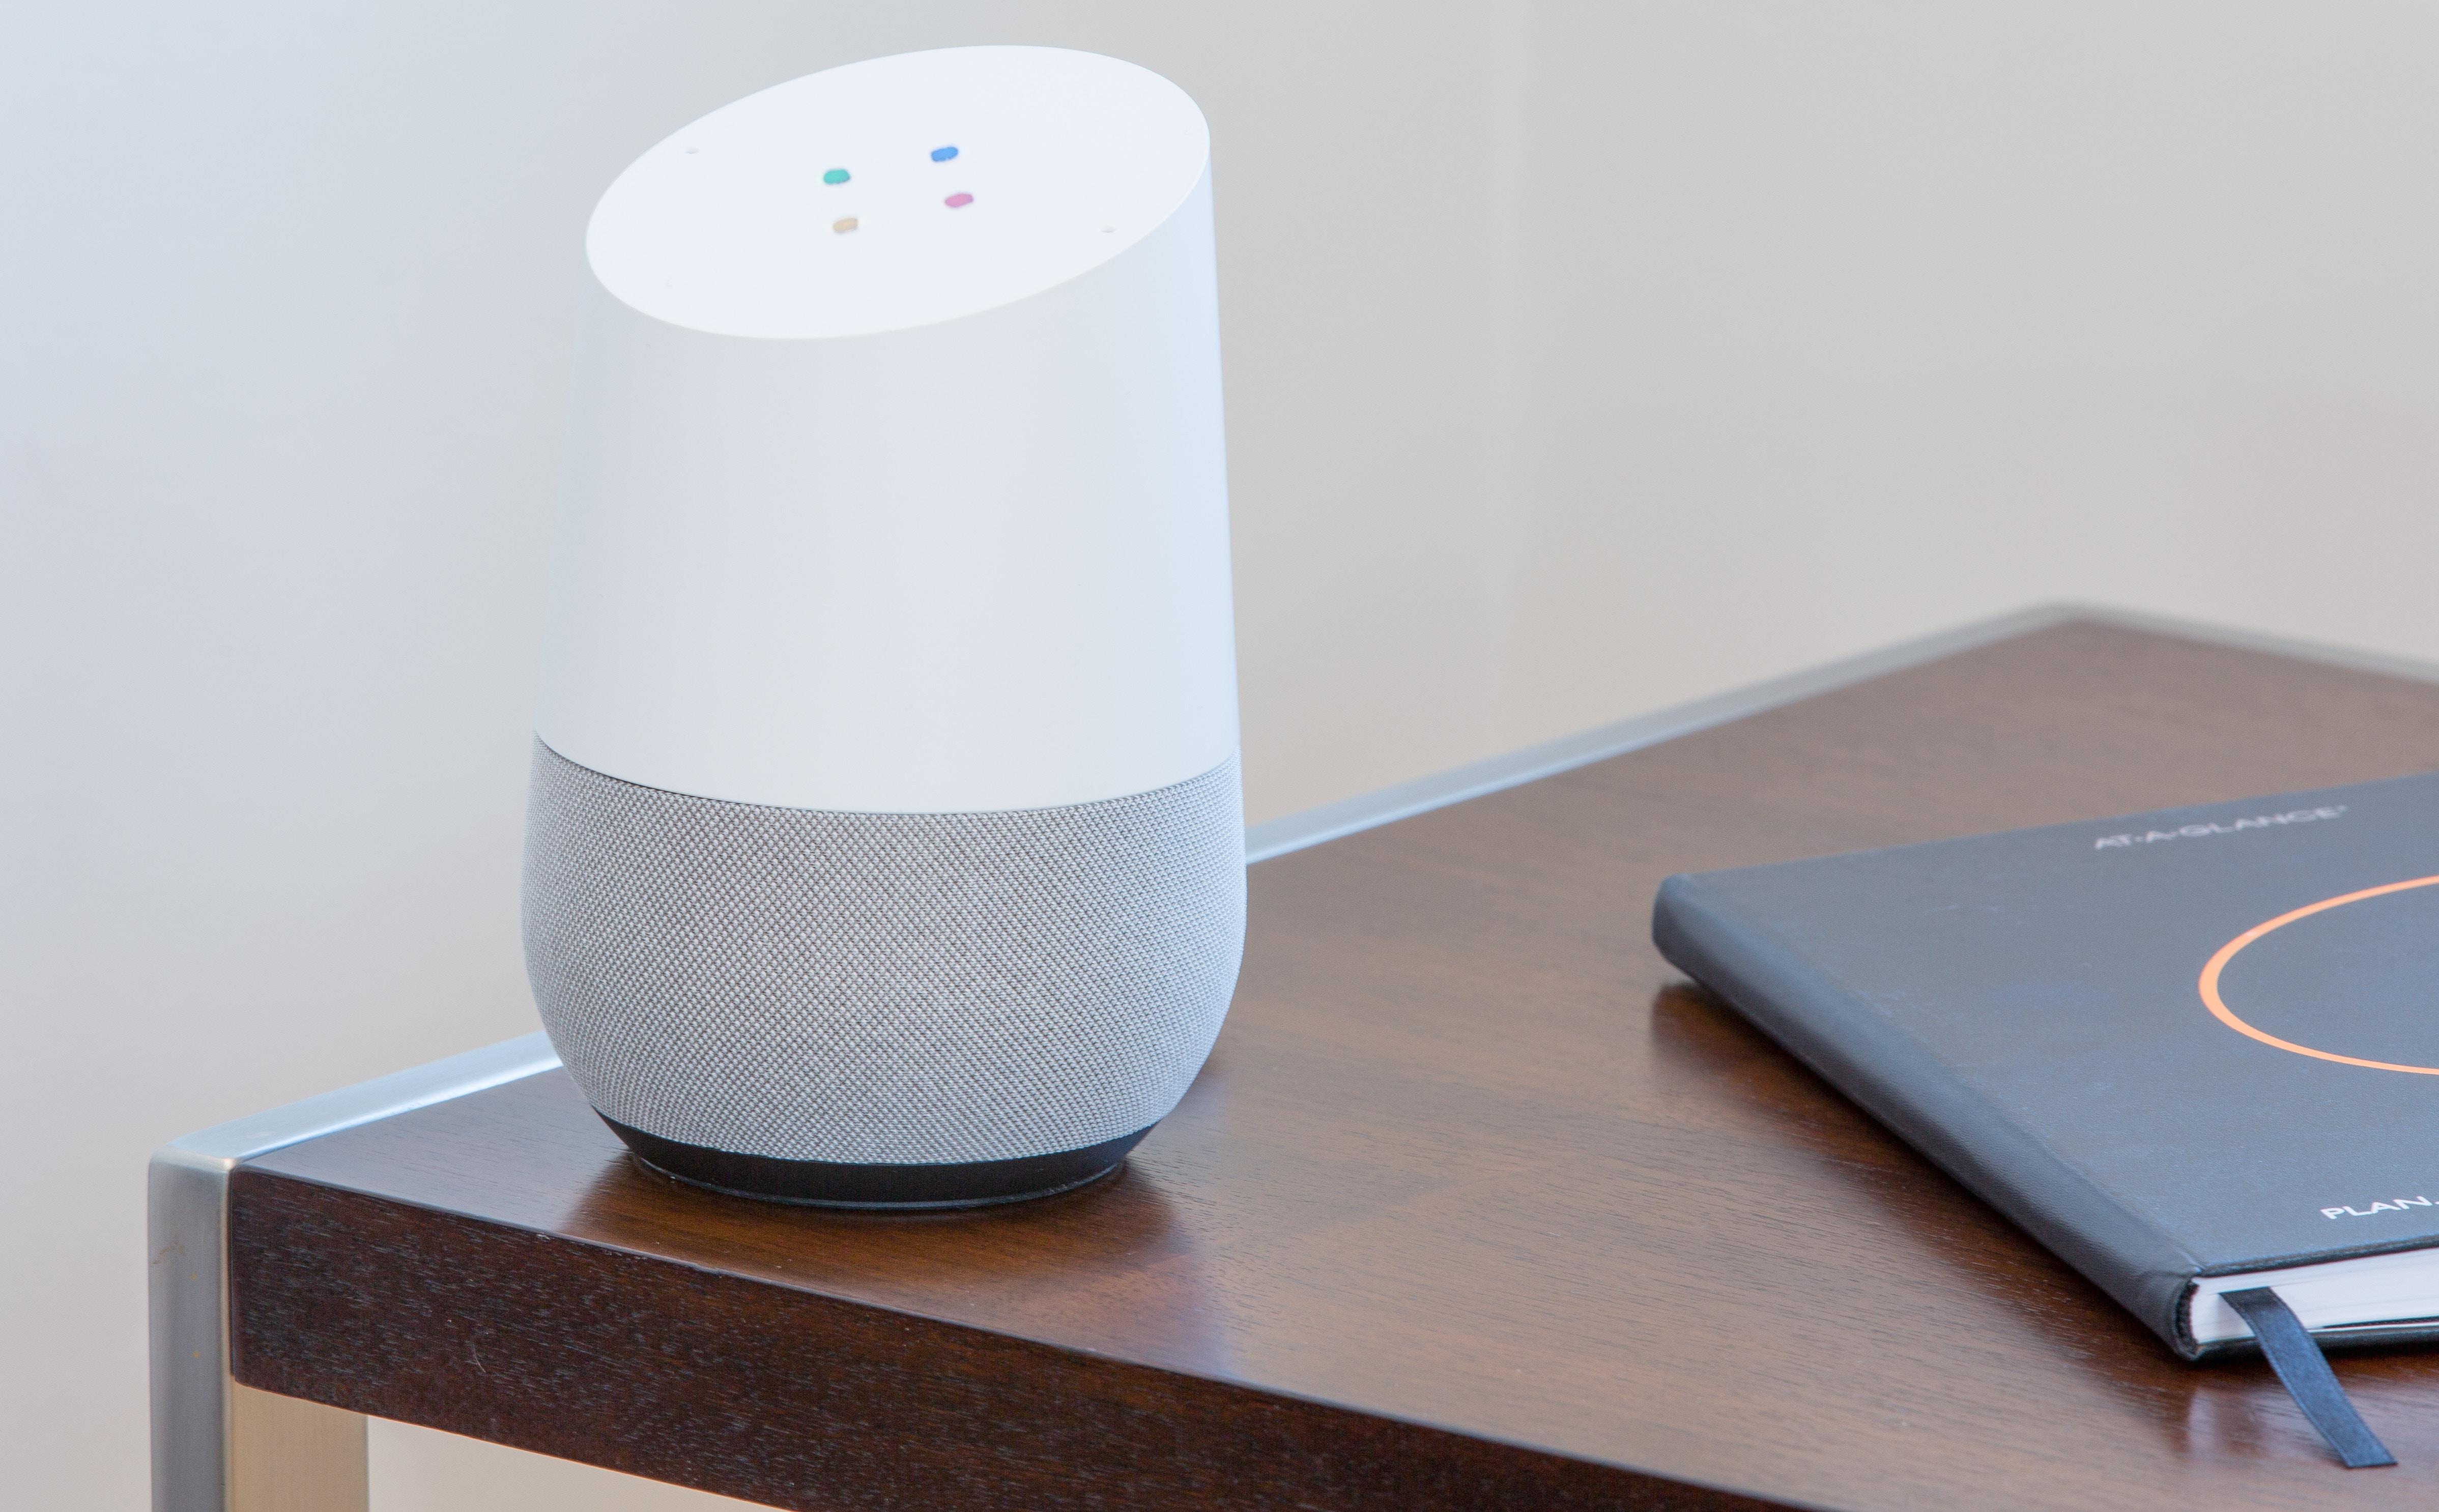 サイト大手のGoogleは「Google Home」